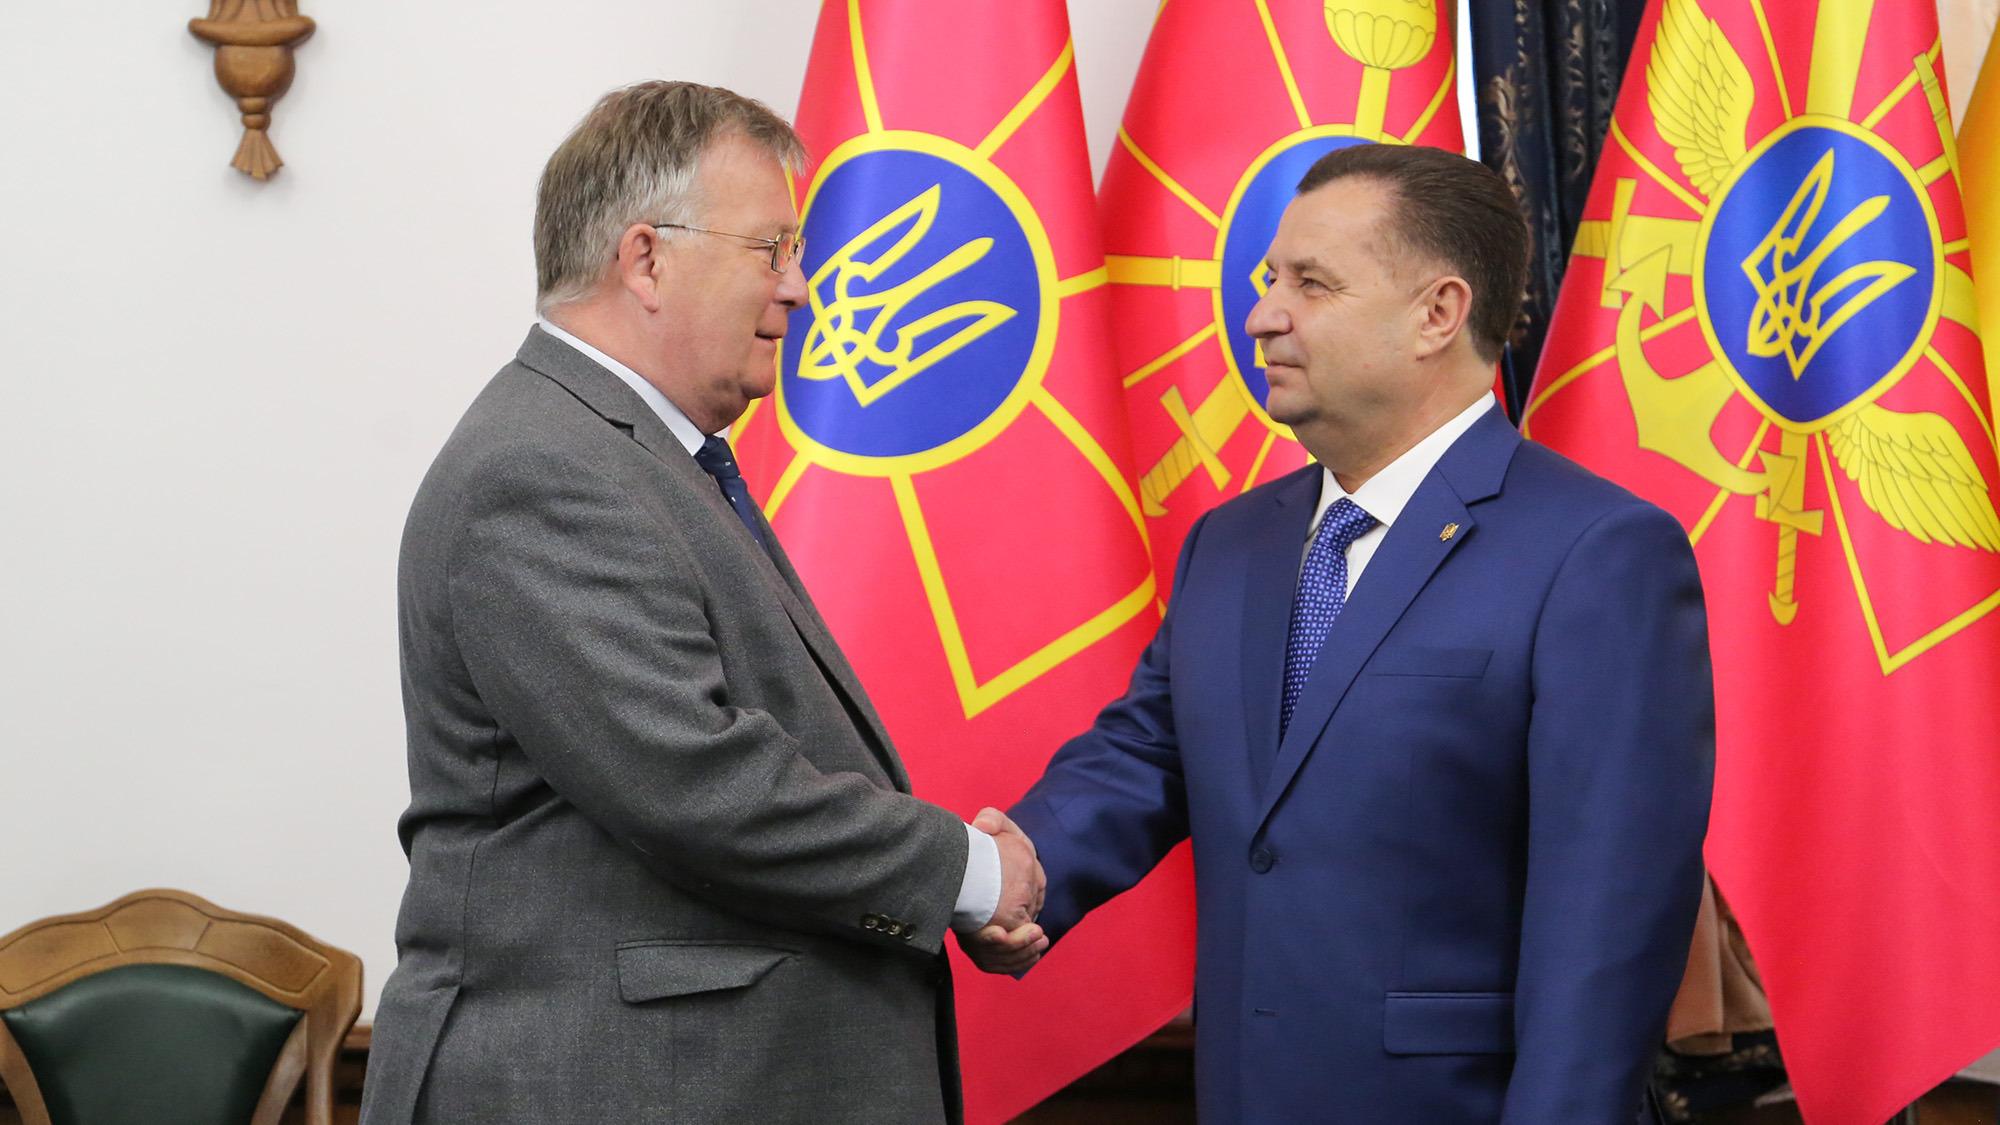 РФ продолжает усиливать военные группировки вдоль границ Украины, – Полт...